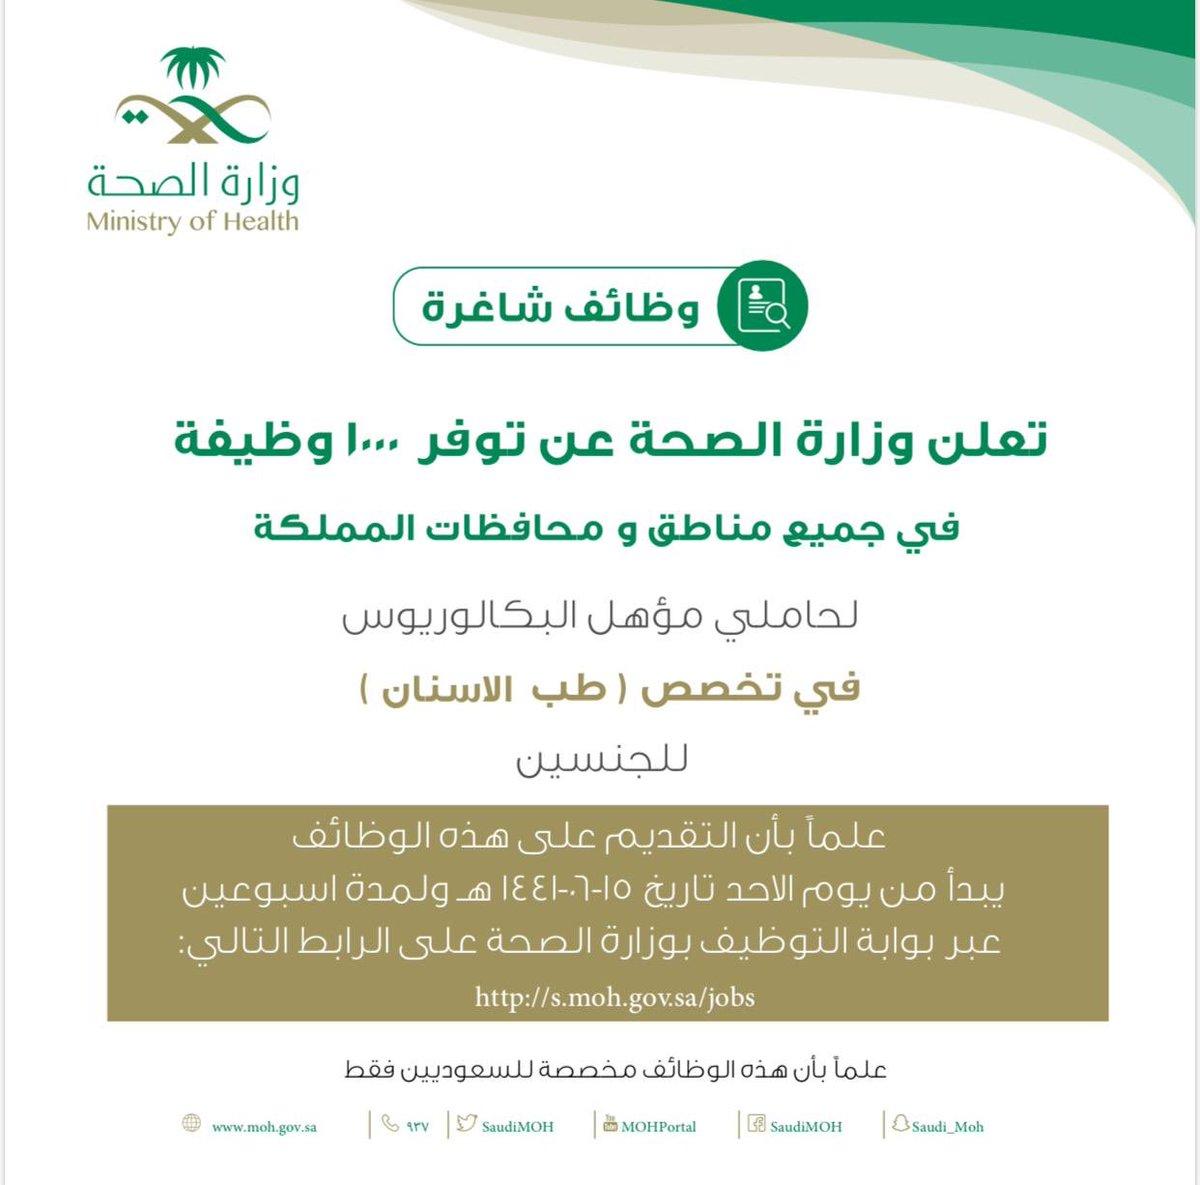 وظائف وزارة الصحة في طب الأسنان للرجال والنساء